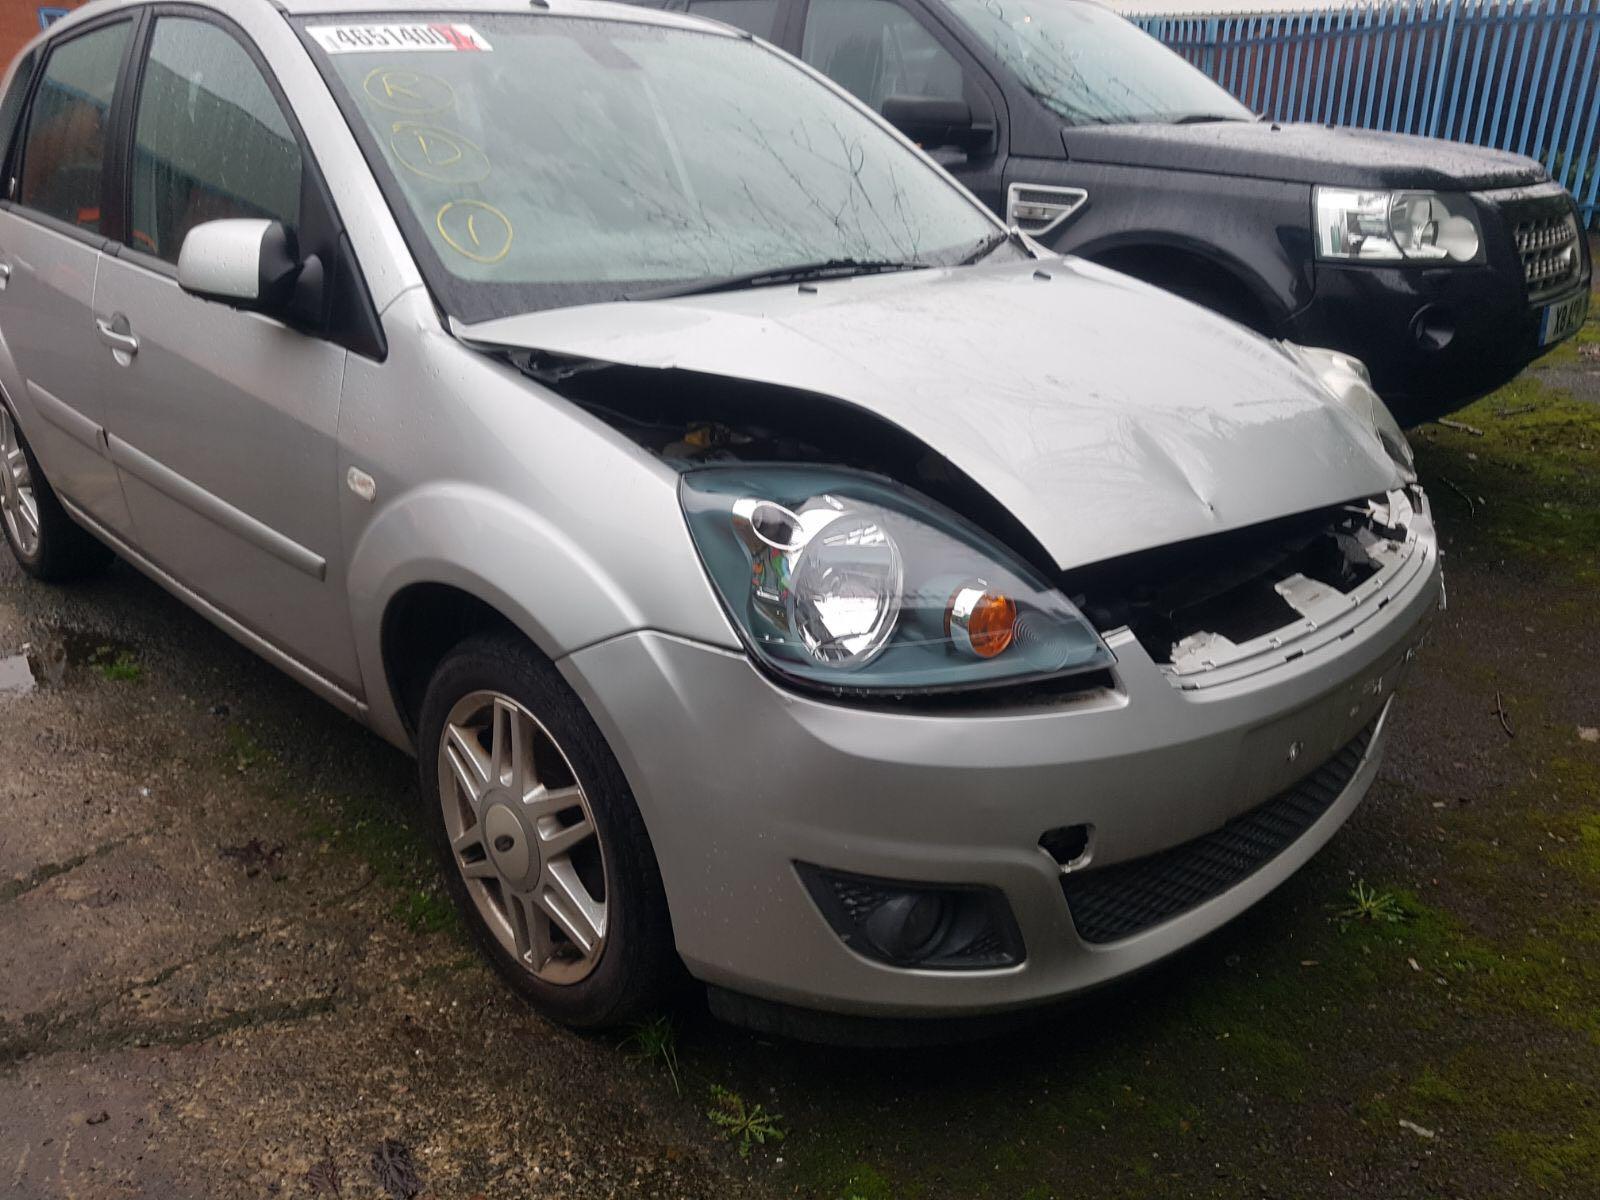 Silver Ford Scrap